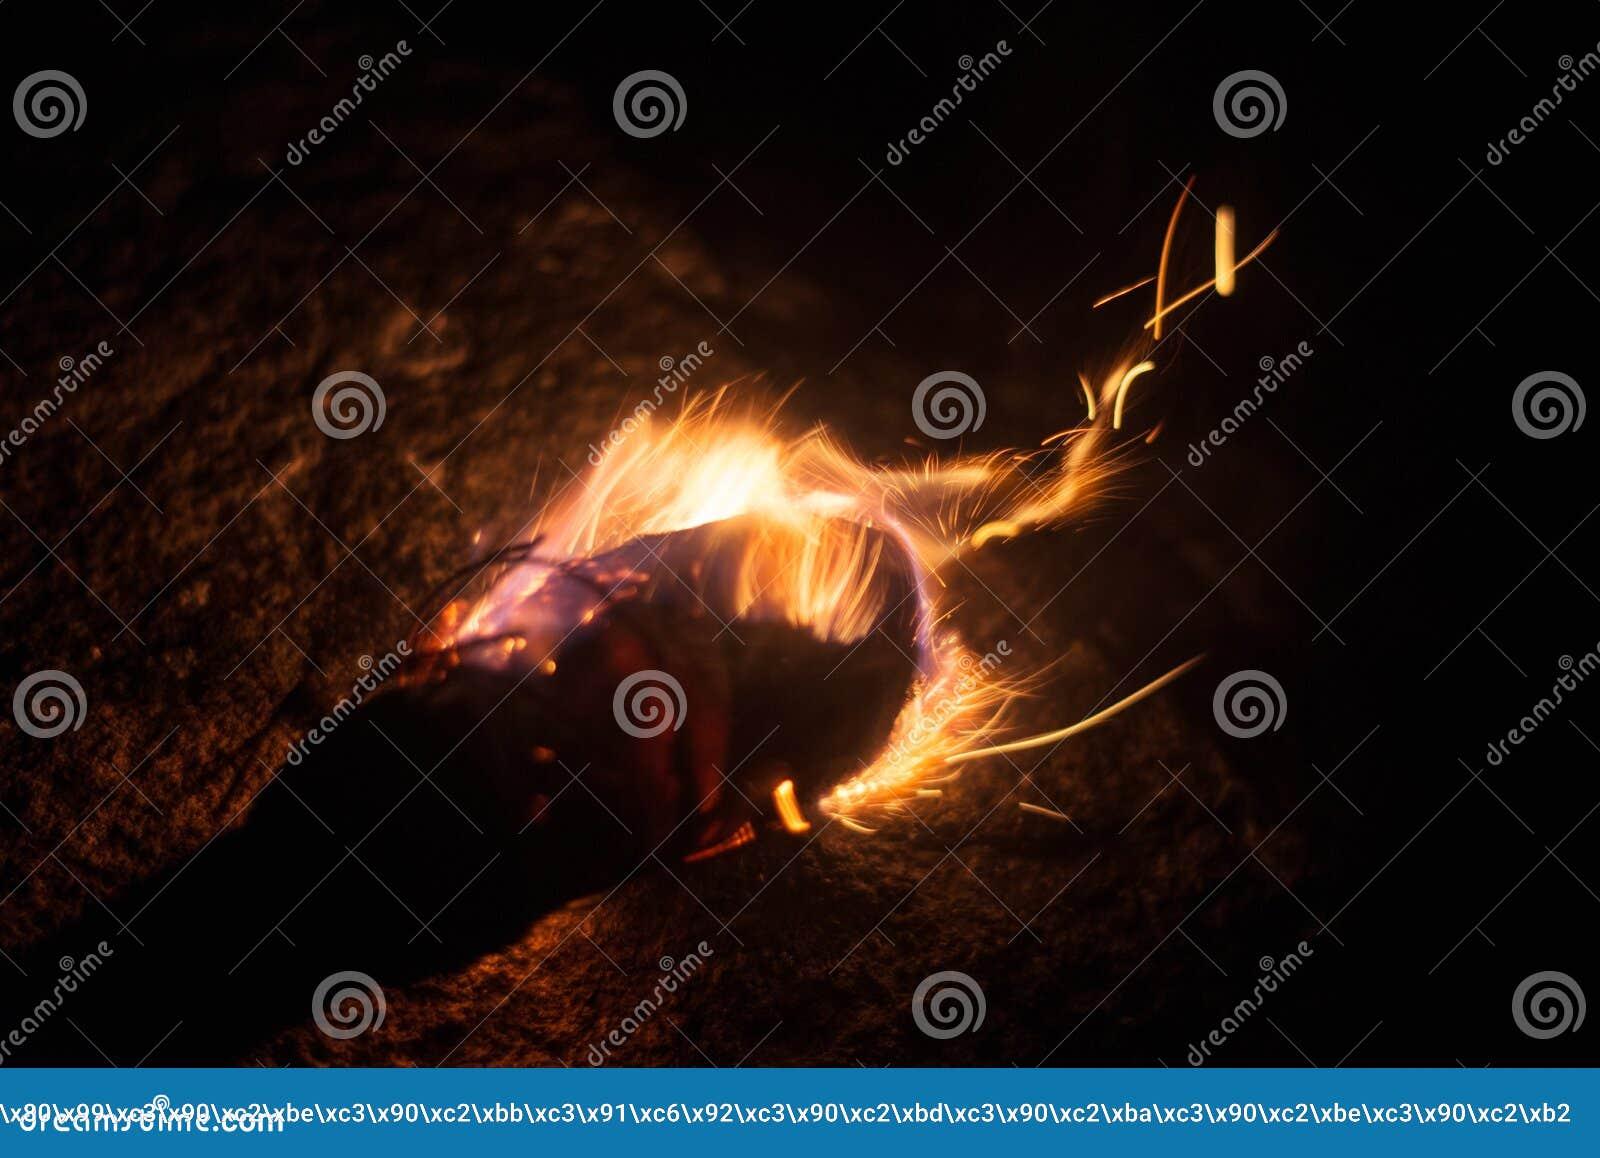 Płonąca pochodnia w zimnej zimie